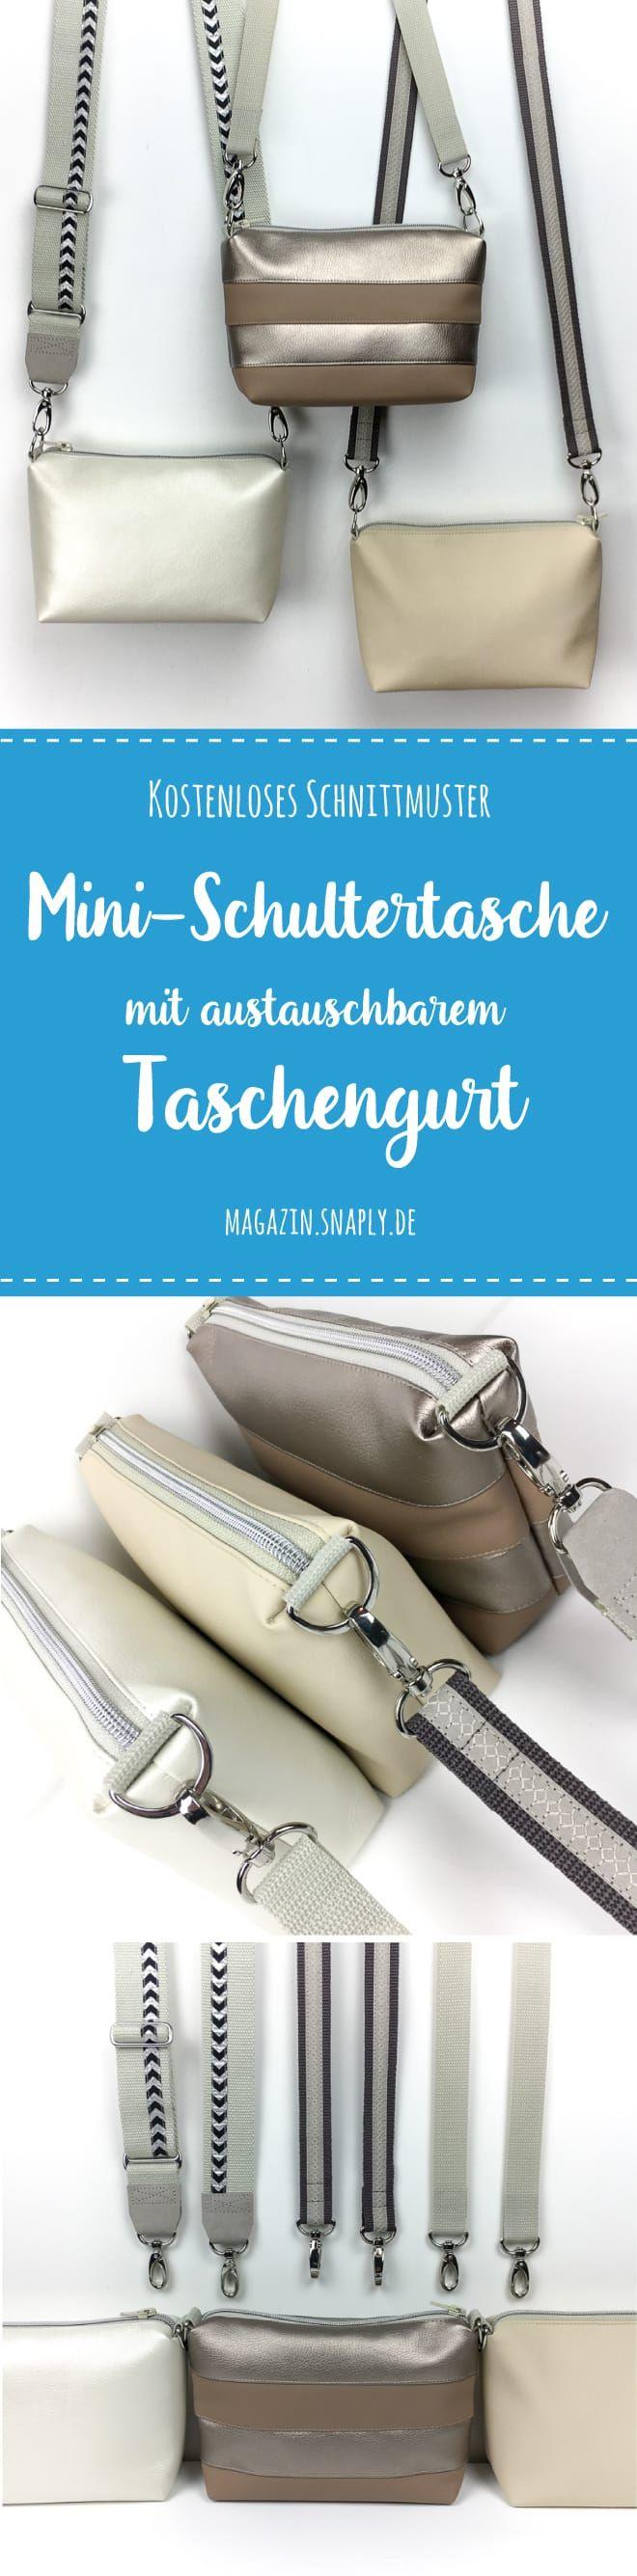 Kostenloses Schnittmuster: Handtasche mit austauschbarem Taschengurt #purses